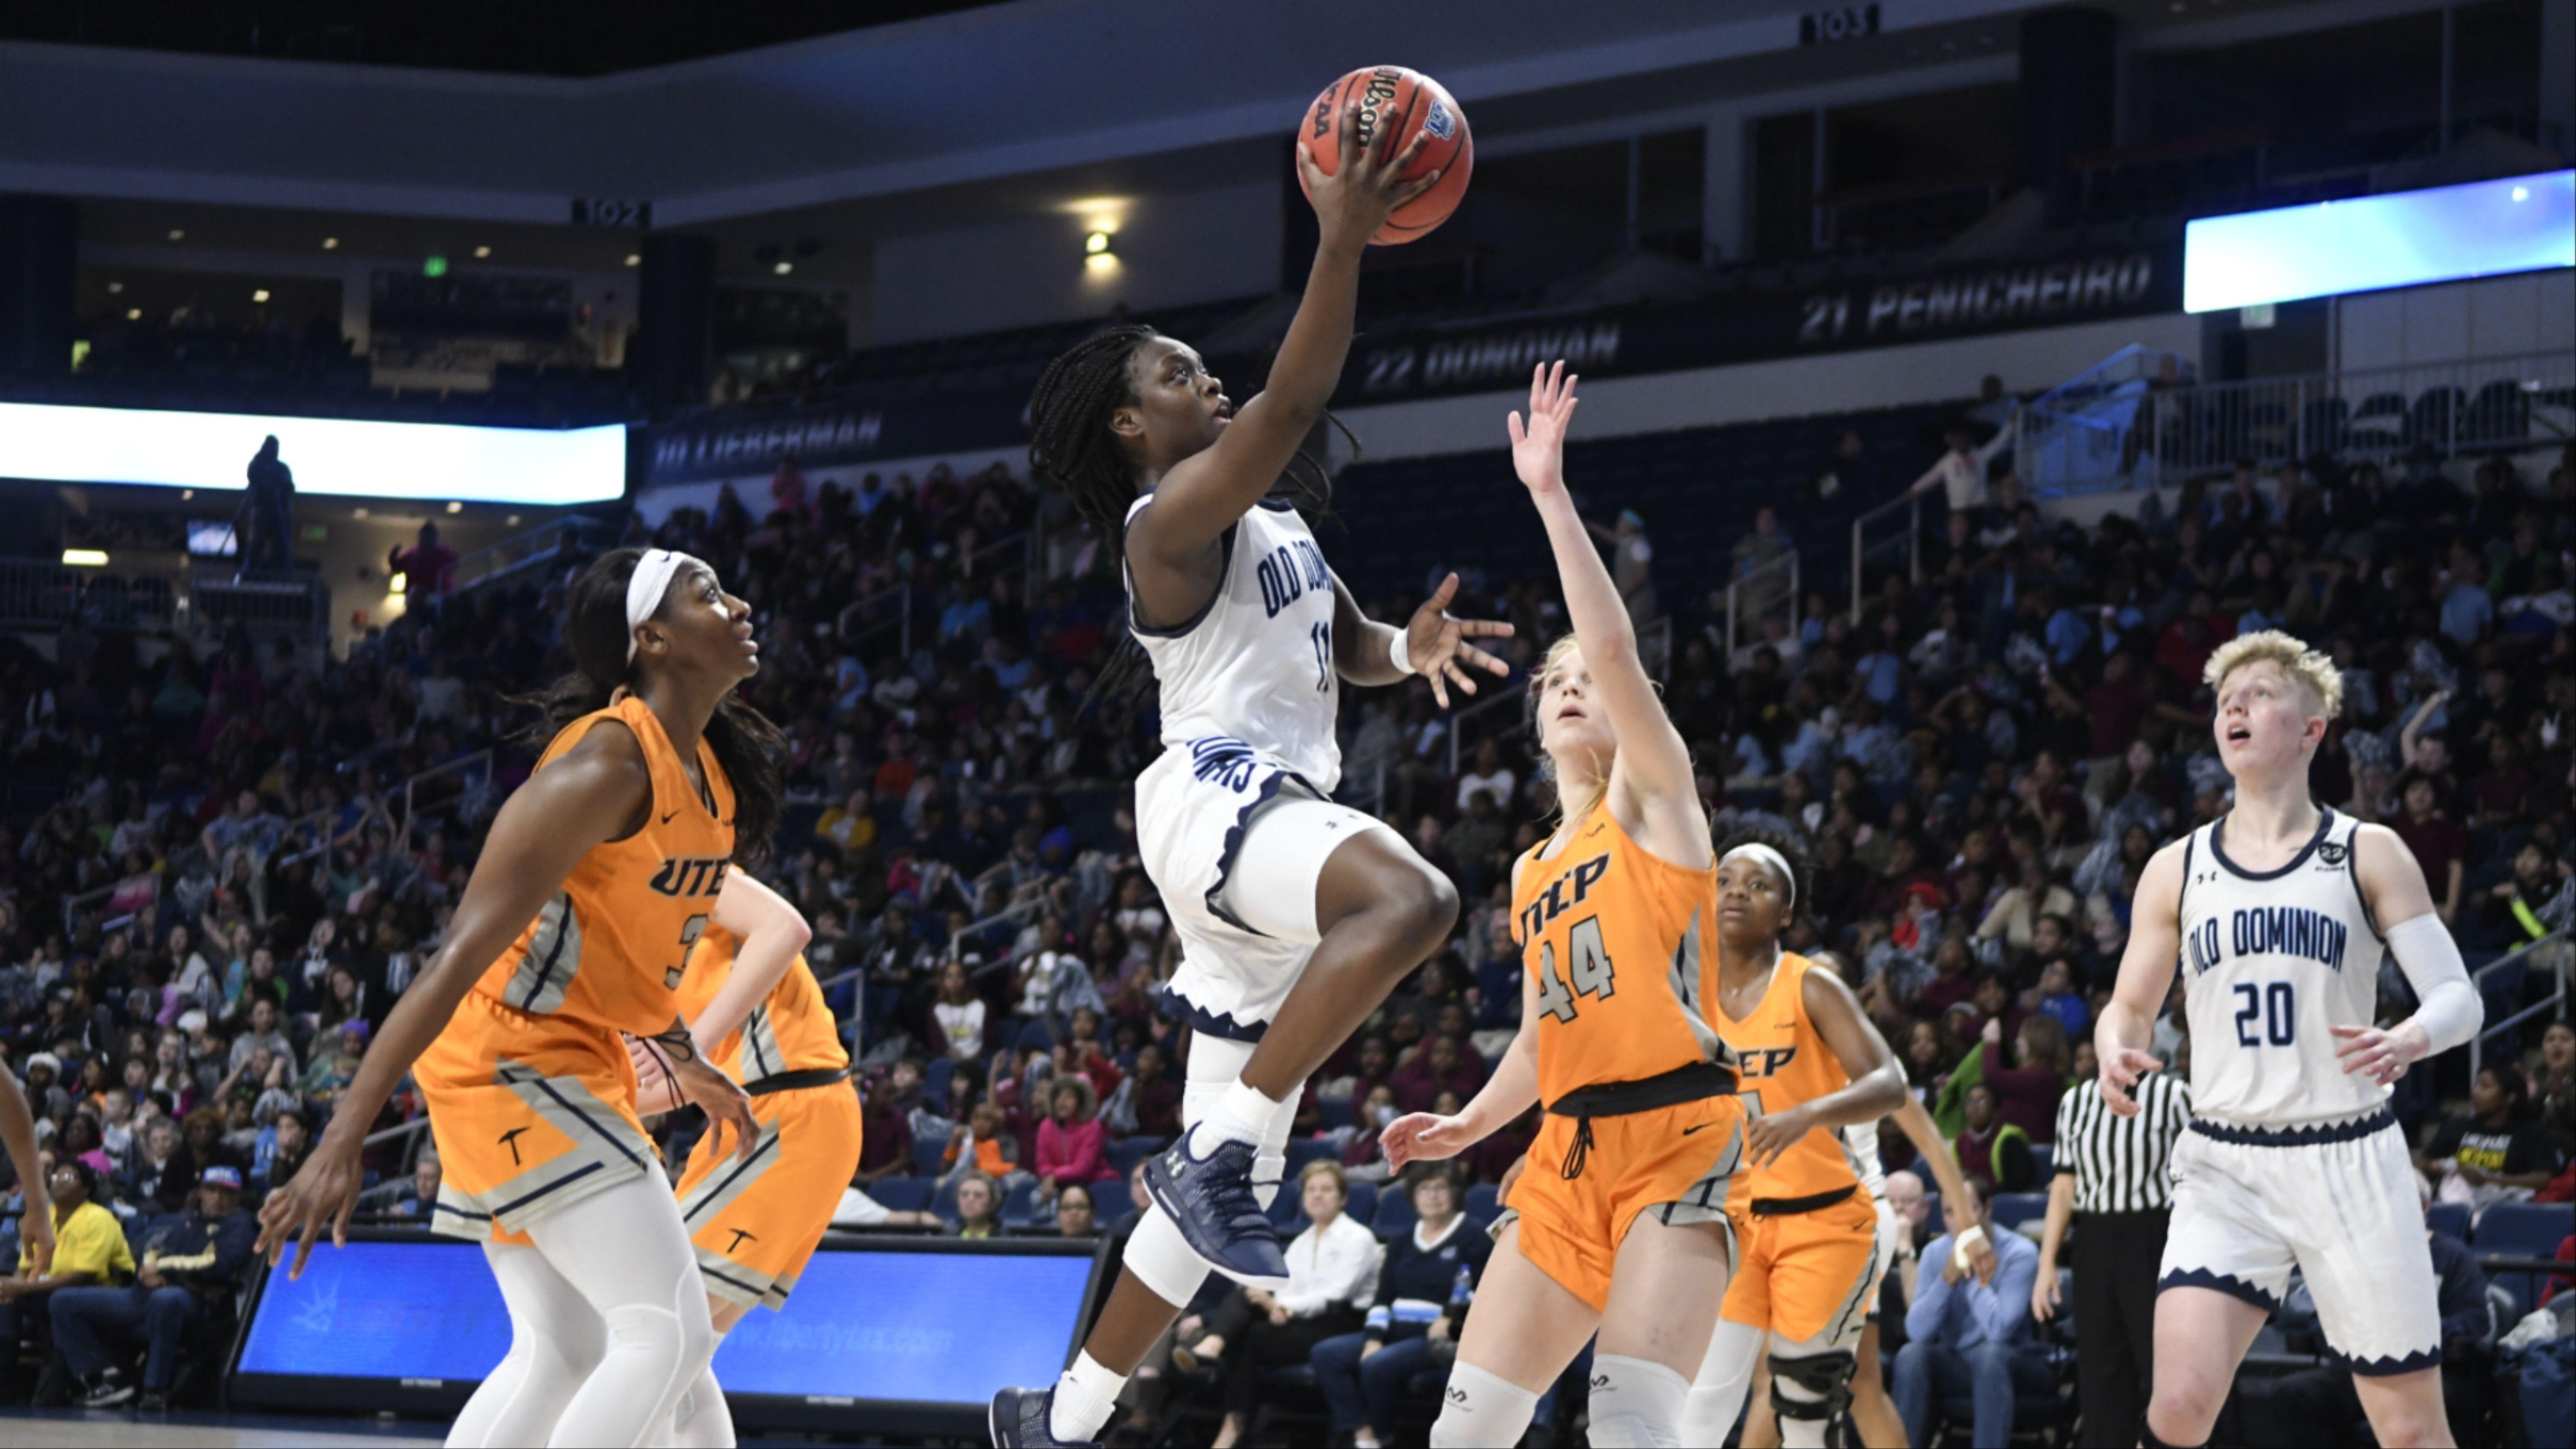 ODU Women's Basketball vs. Charlotte